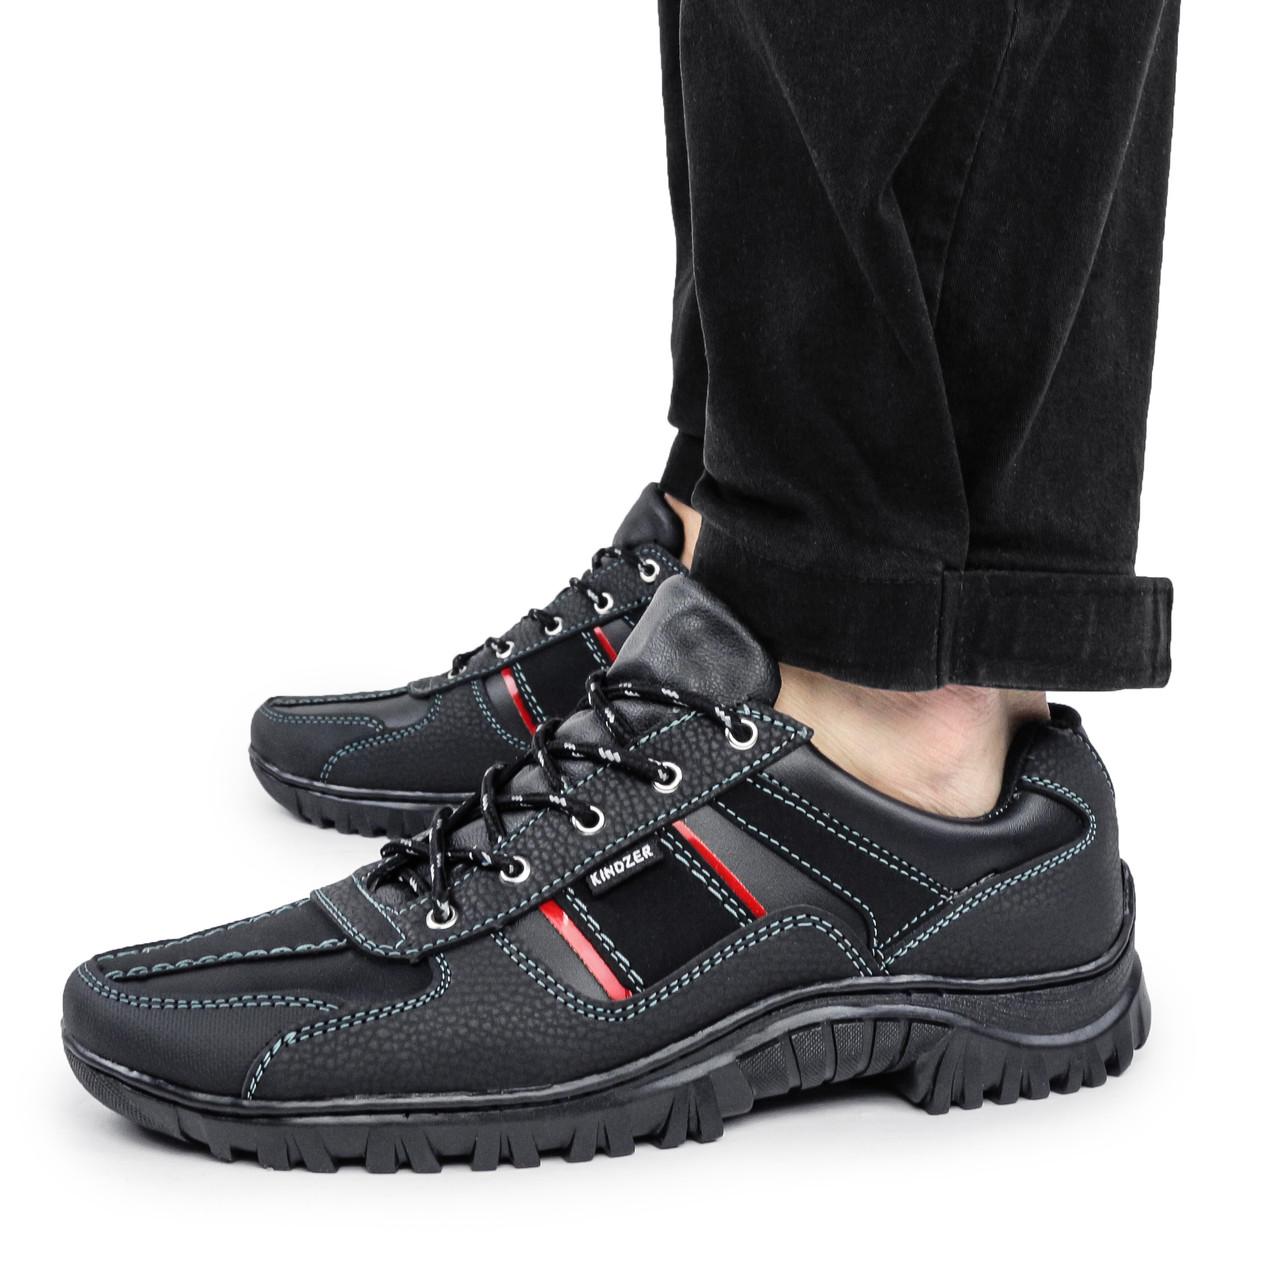 Мужские кроссовки черные кожзам весна-осень (демисезонные) прошитая подошва Kindzer 1354988426